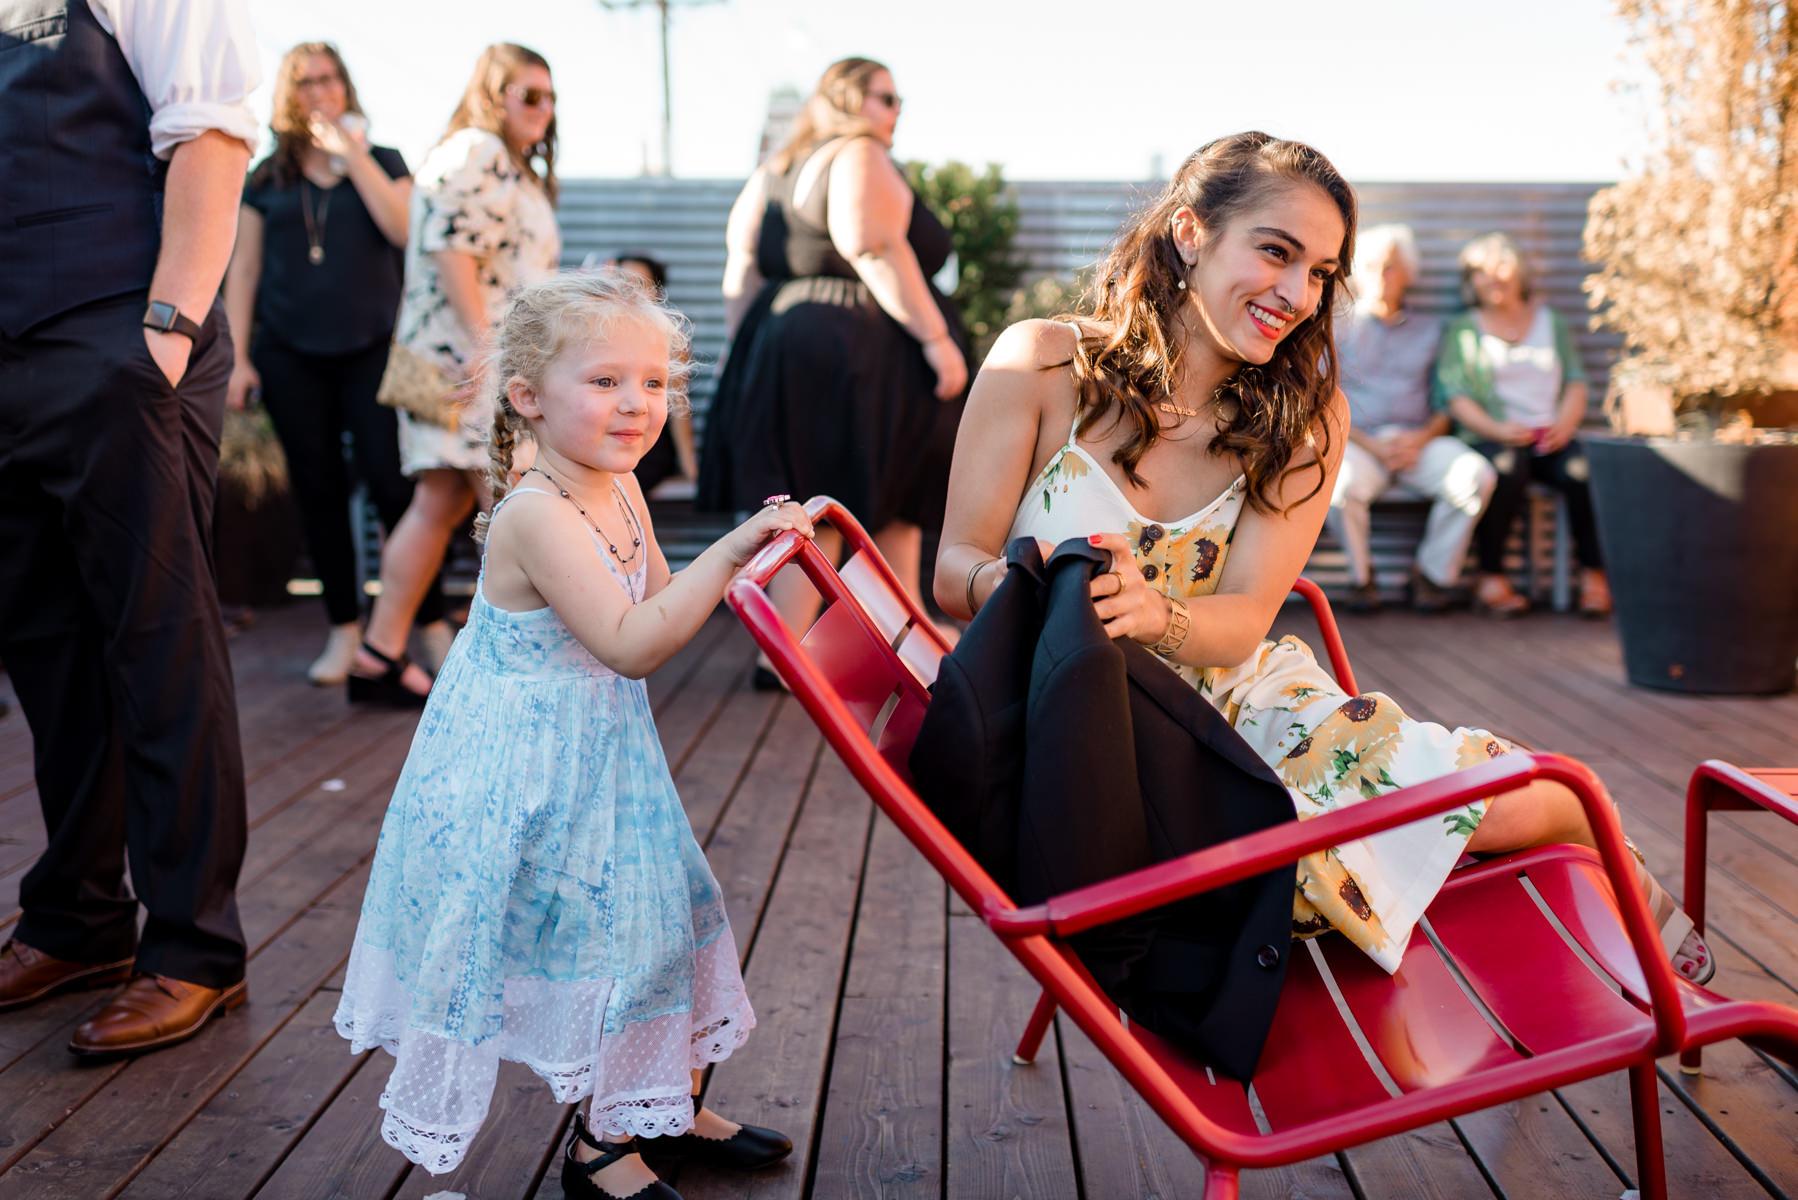 Andrew Tat - Documentary Wedding Photography - WithinSodo - Seattle, Washington -Hilary & Zach - 16.jpg